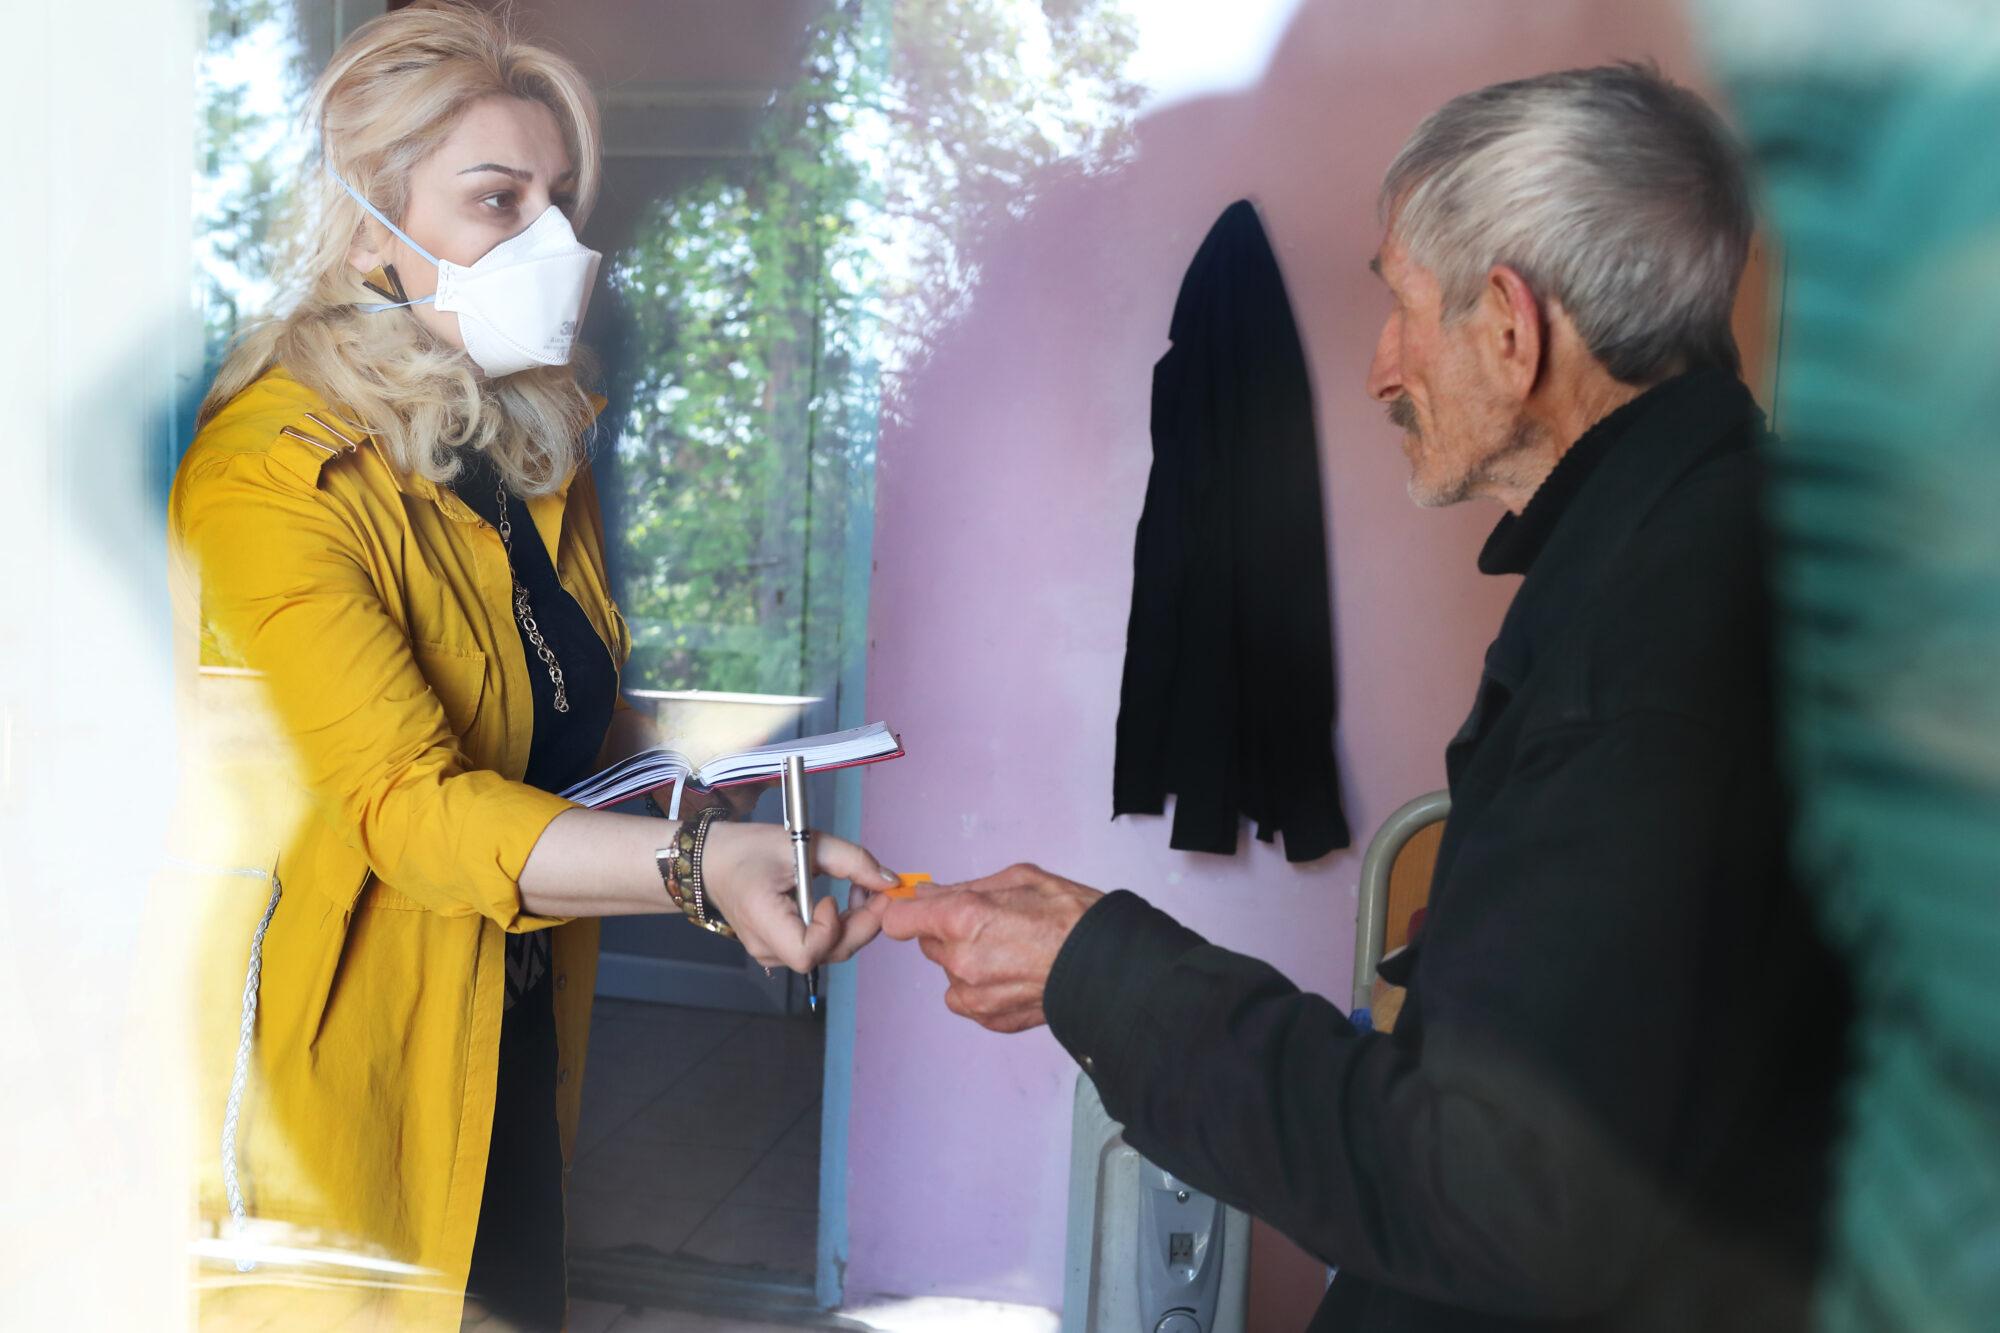 Työntekijä antaa tuberkuloosipotilaalle paperilappua.